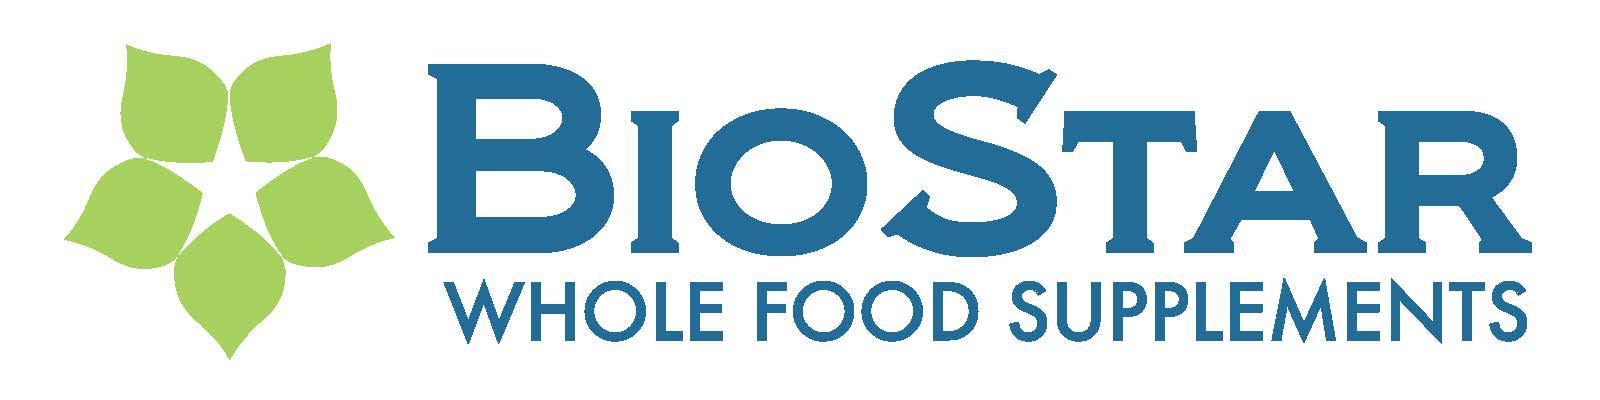 BioStar logo (1)